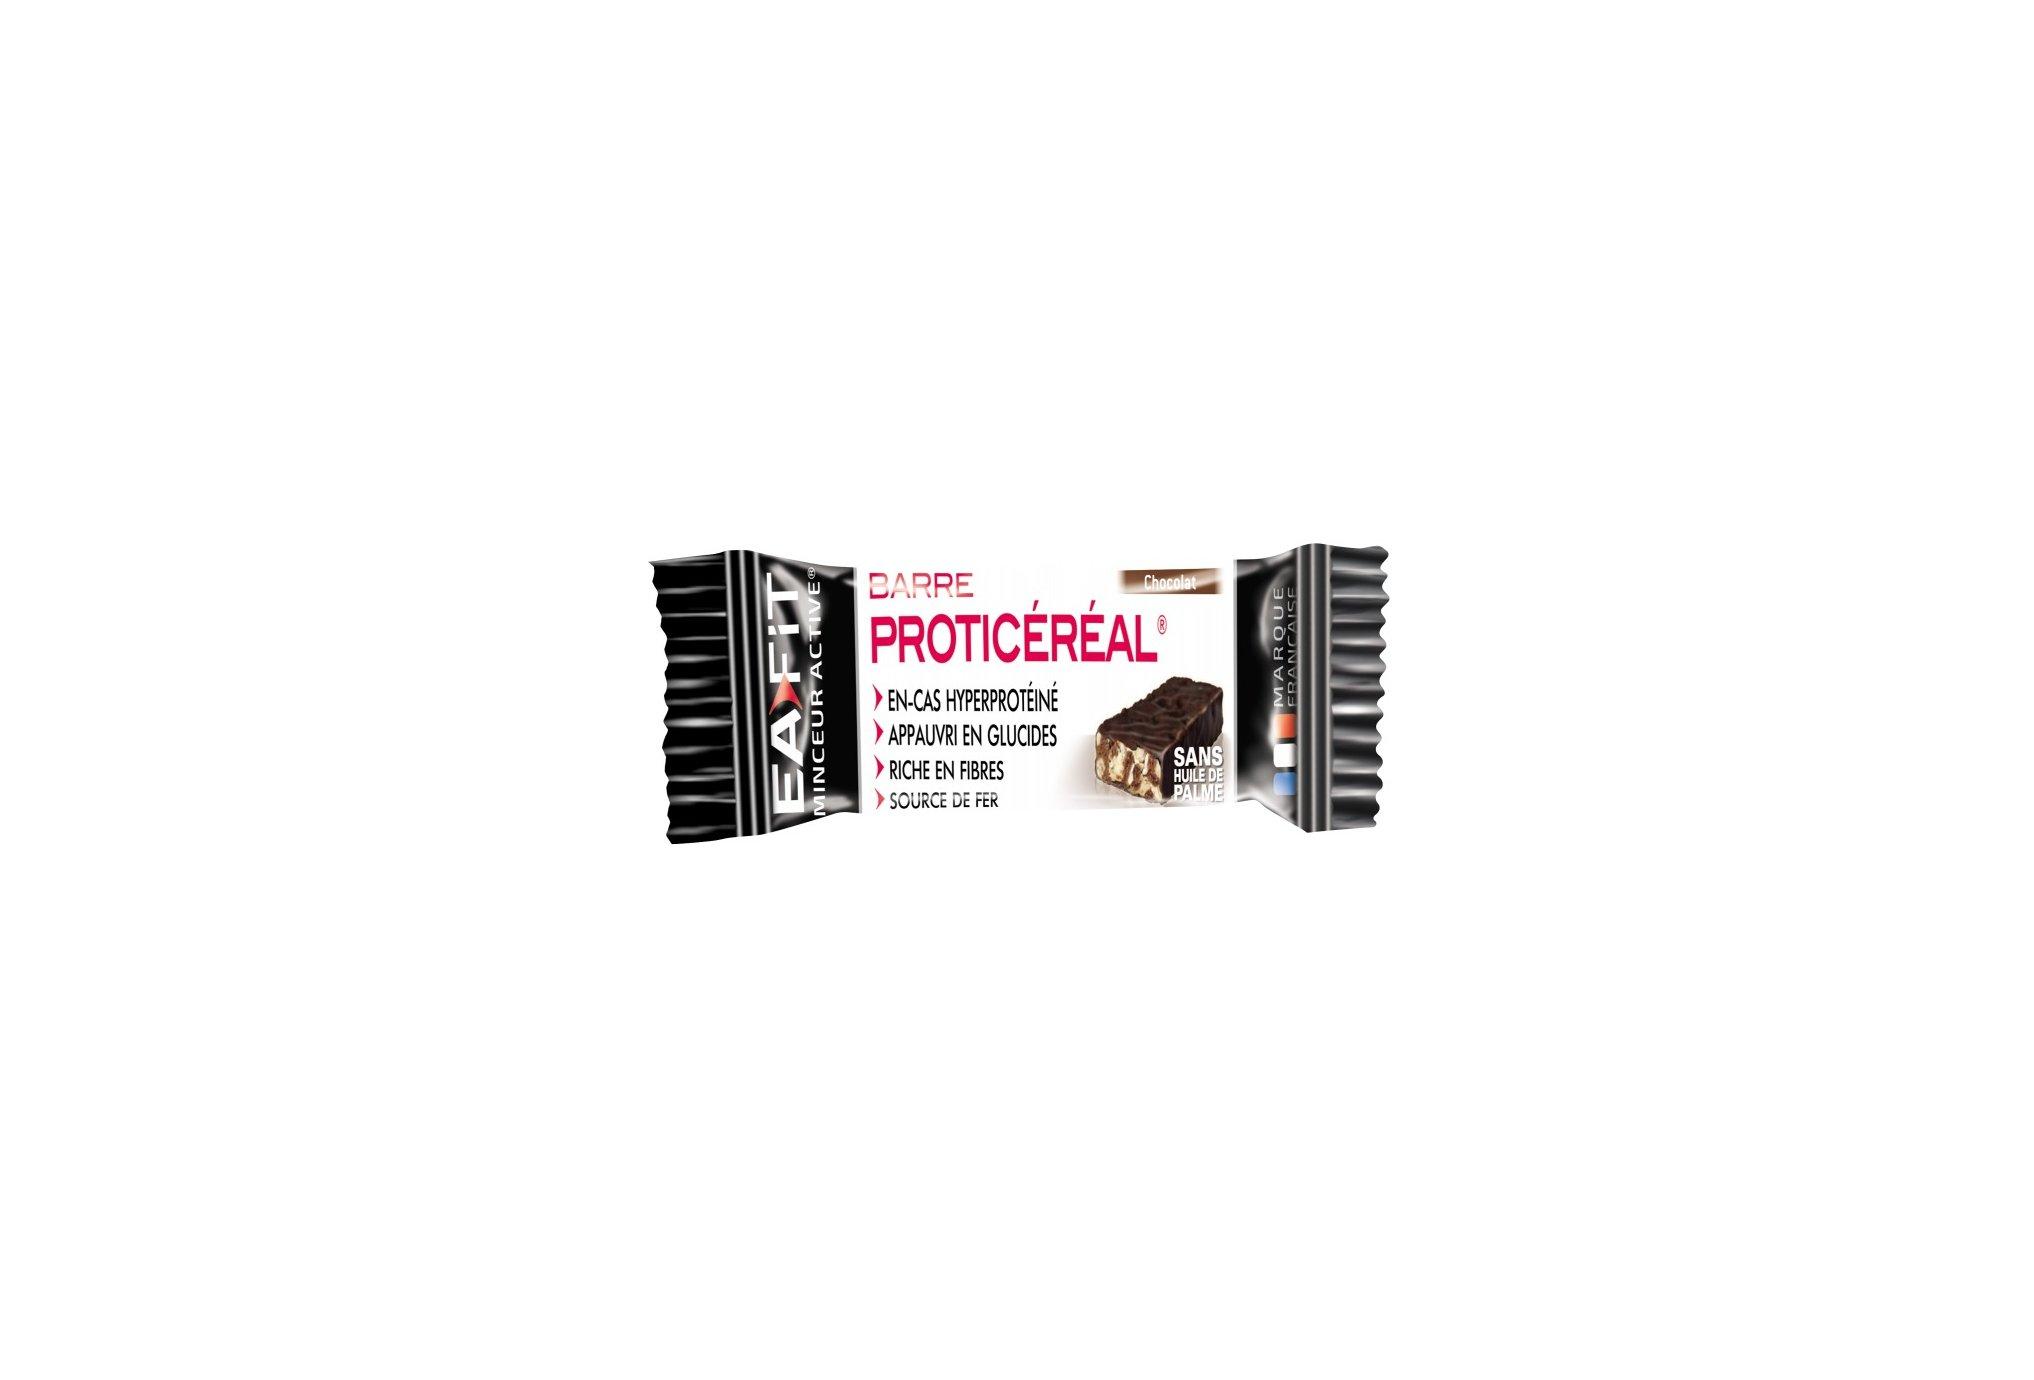 EAFIT Barre Proticeréal - Chocolat Diététique Barres